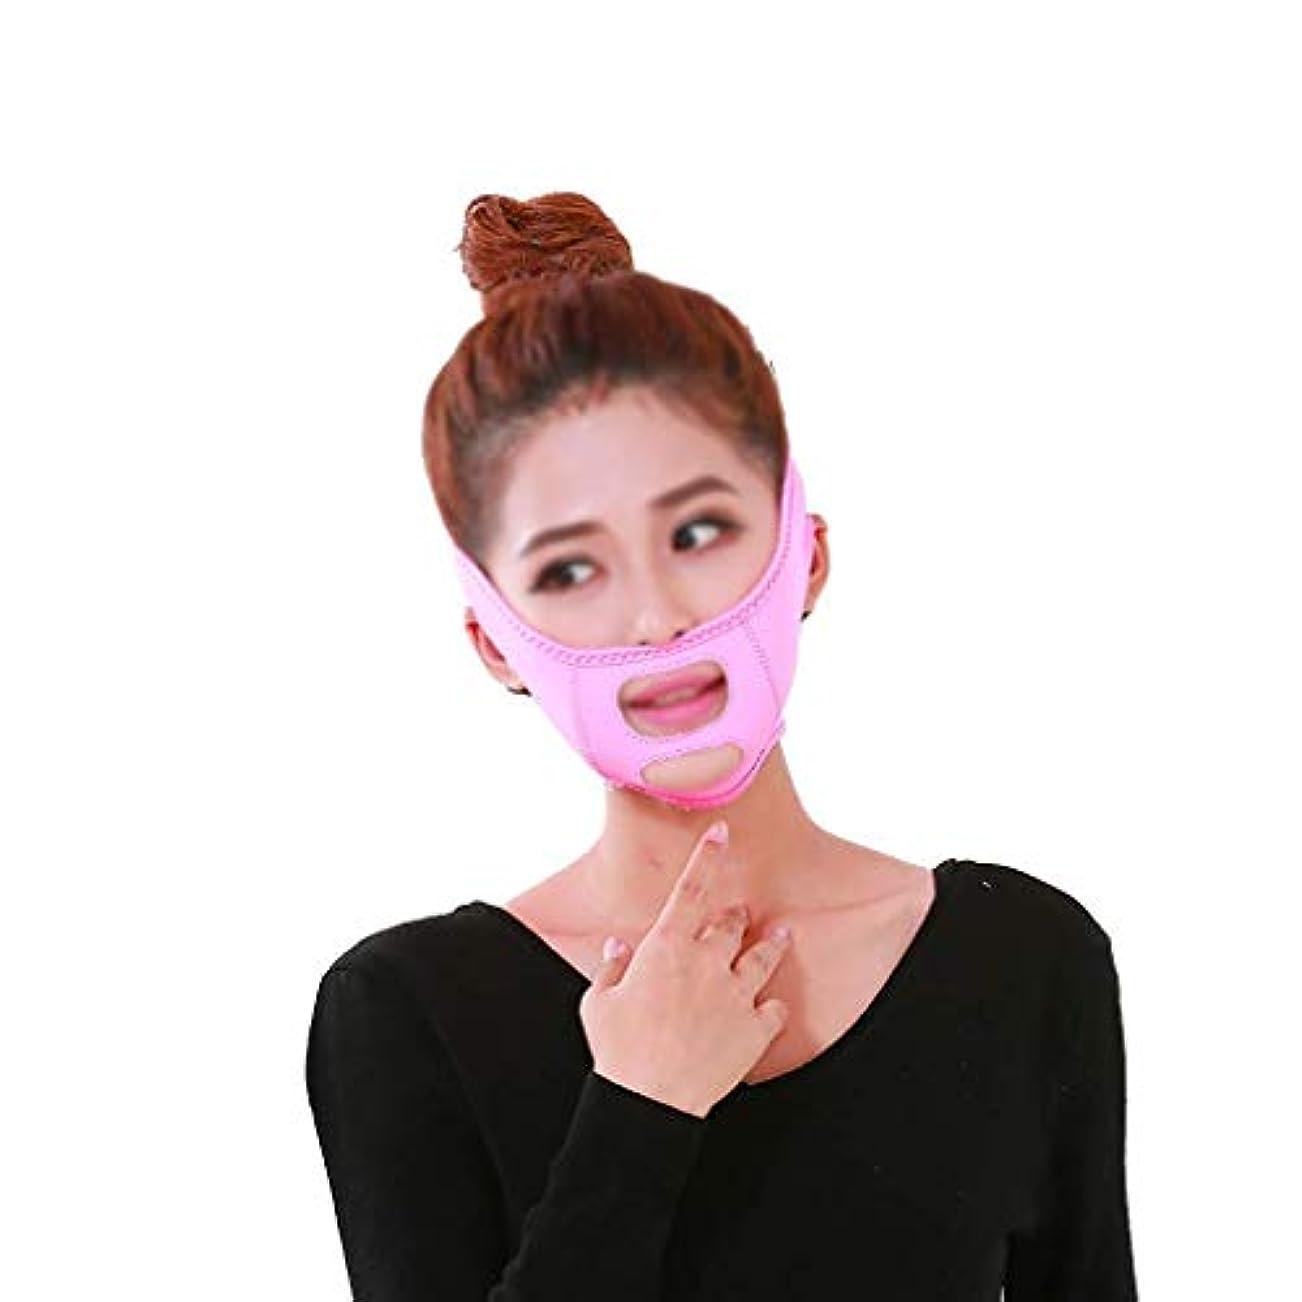 間抗議けん引フェイスリフトフェイシャル、フェイシャルマスクVフェイスマスクタイトで肌のリラクゼーションを防止Vフェイスアーティファクトフェイスリフトバンデージフェイスケア(色:ピンク)